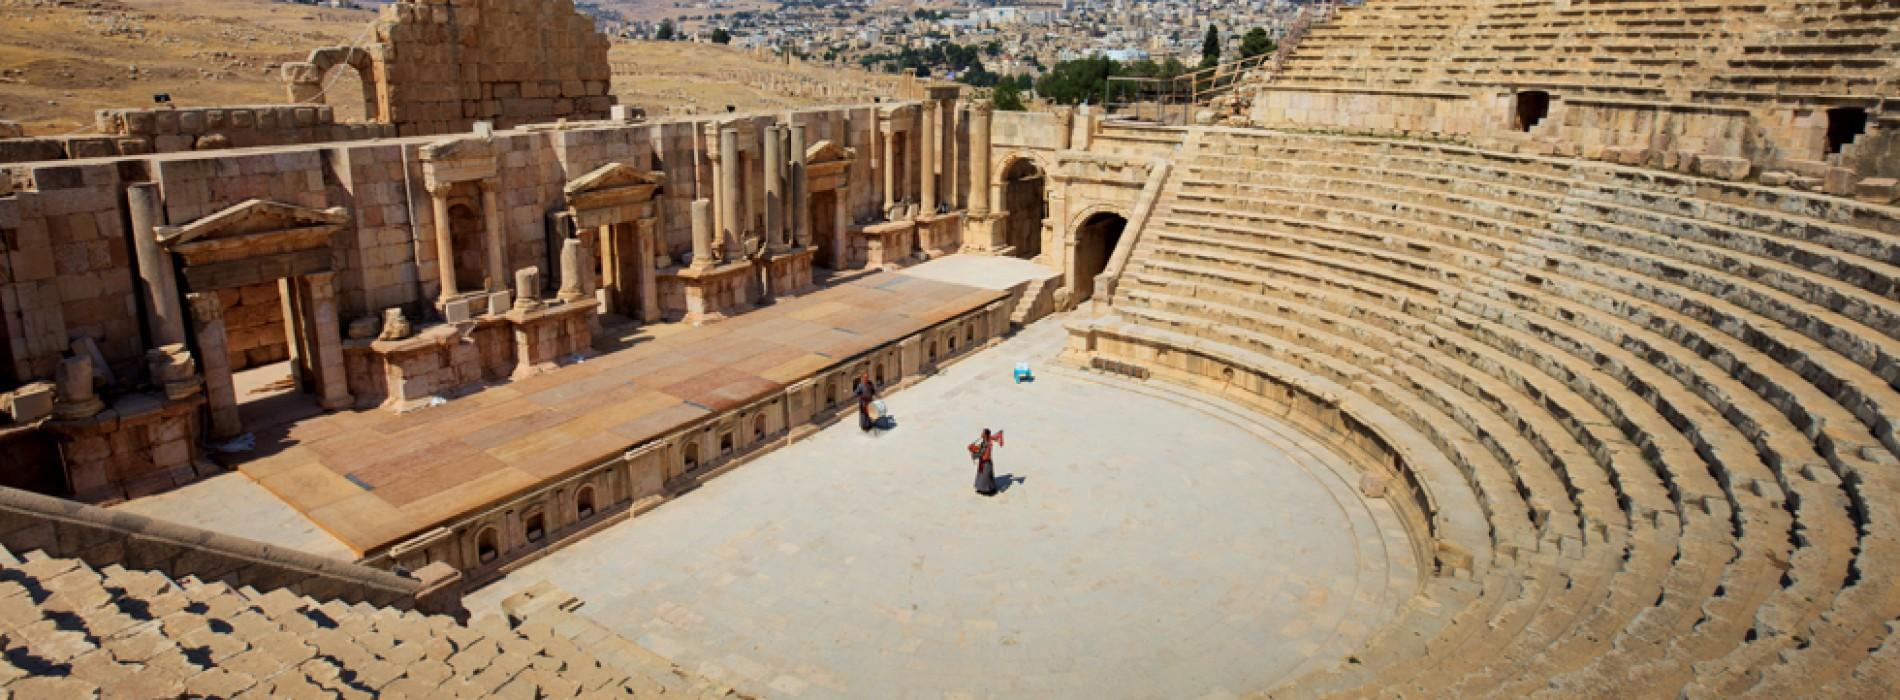 Visit Jerash, Jordan – for Rome away from Rome!